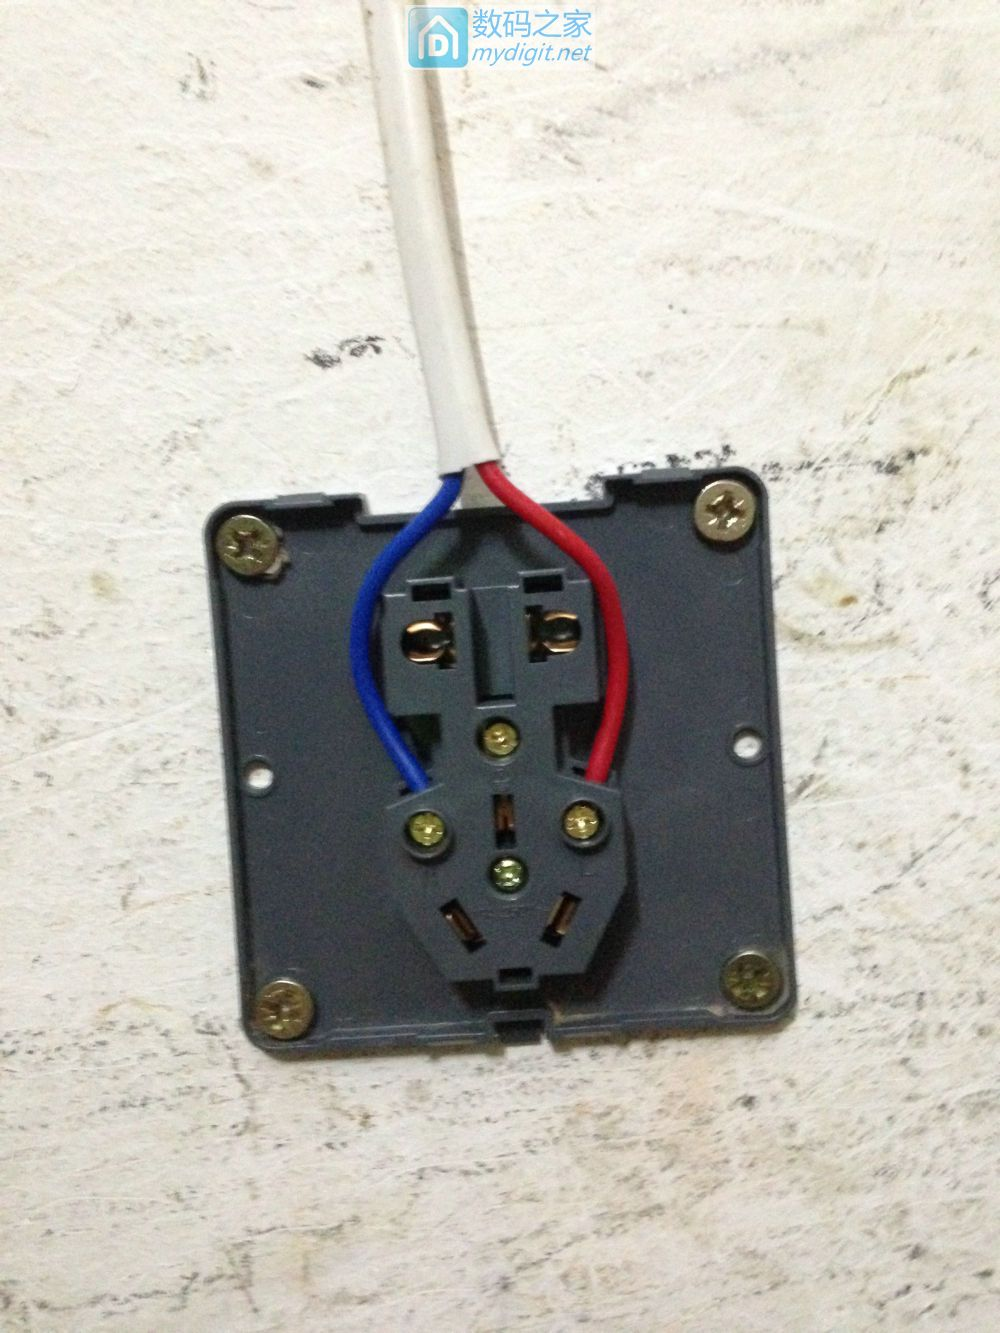 多余没用到的东西东挪西凑出一个移动插线板